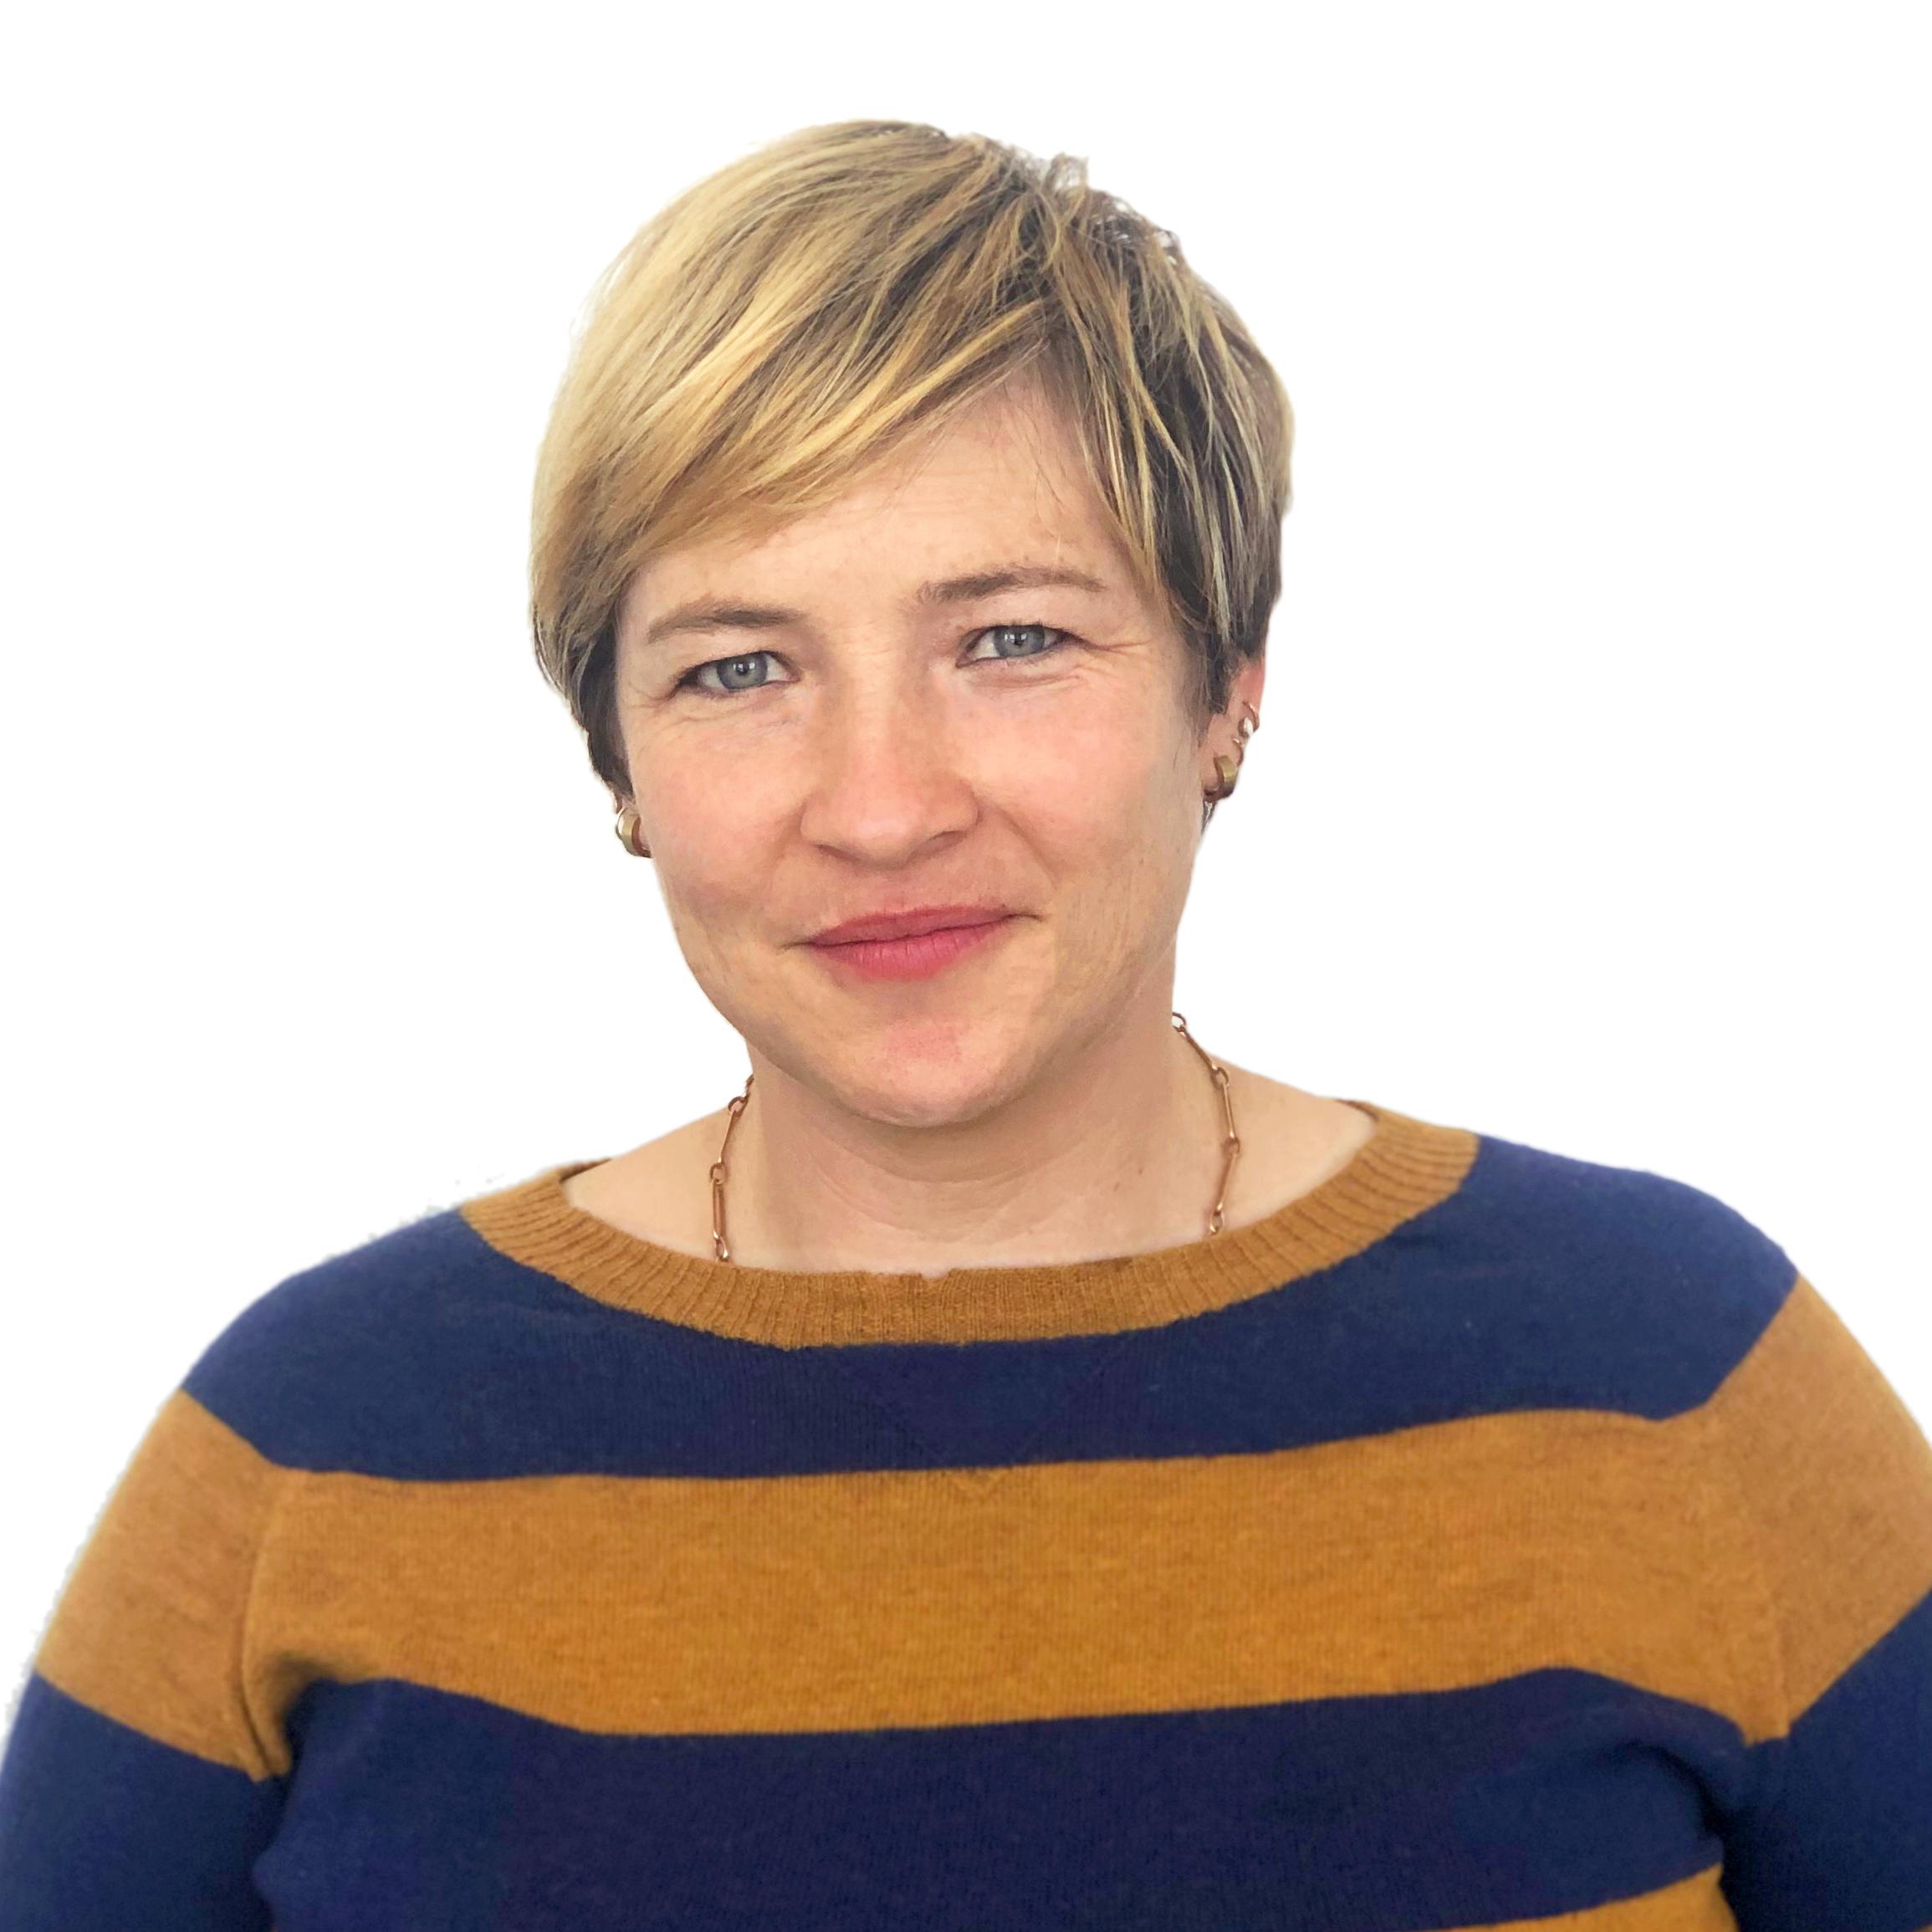 Sarah Seitchik